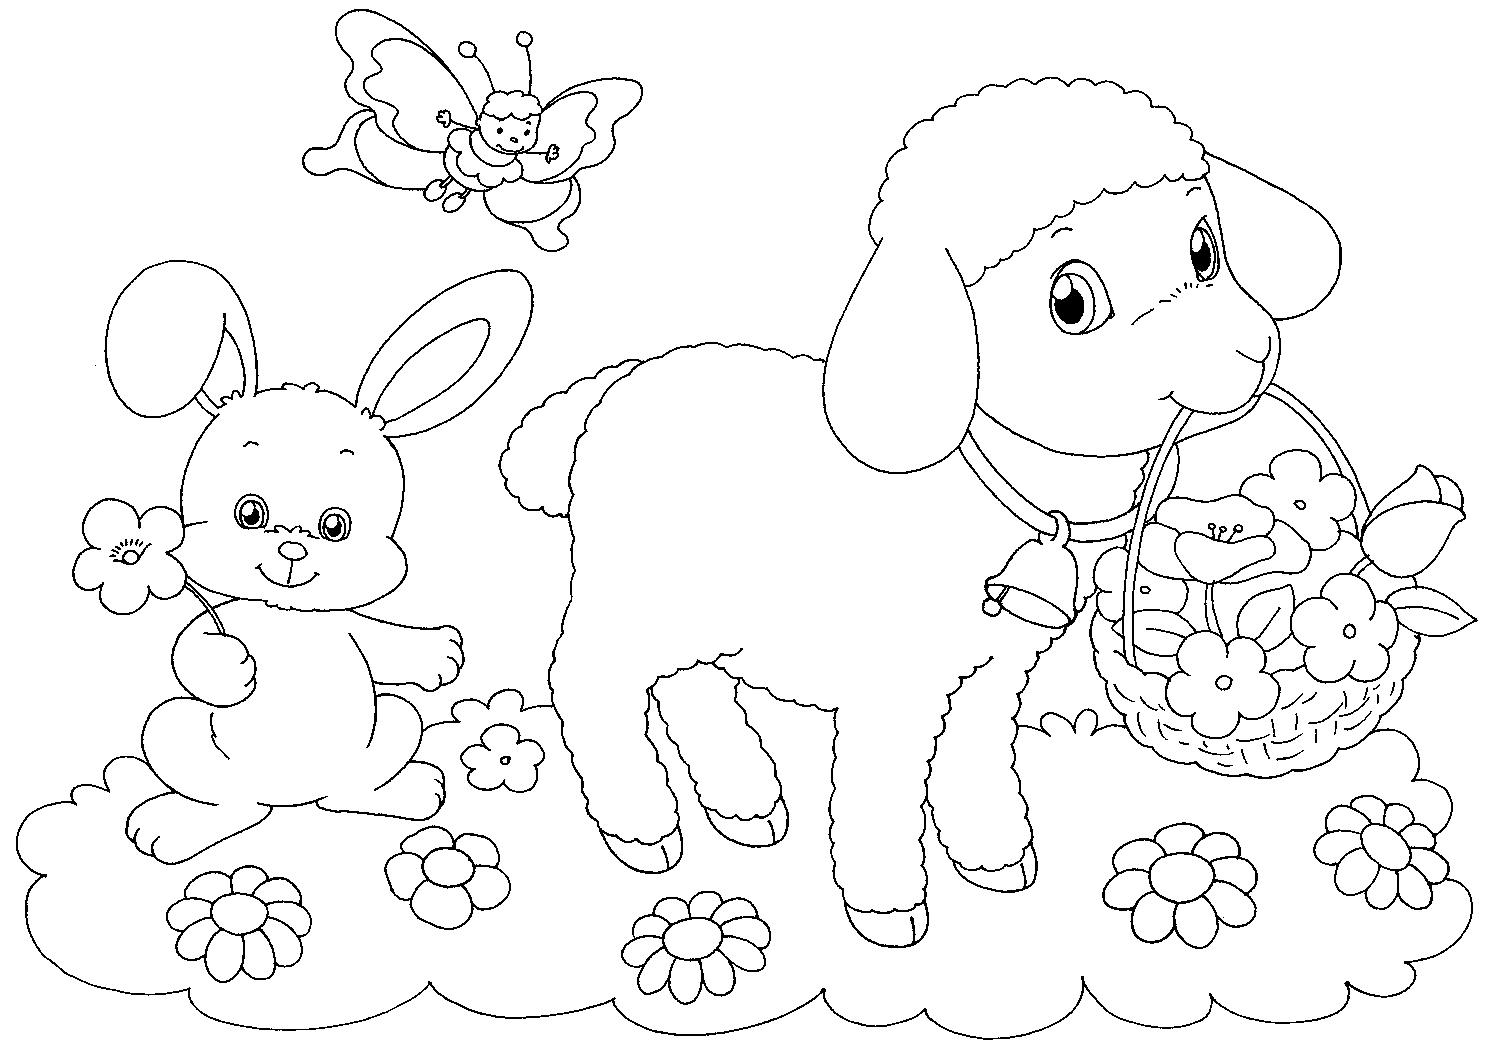 Actividades Para Colorear Preescolar Dibujos Para Colorear